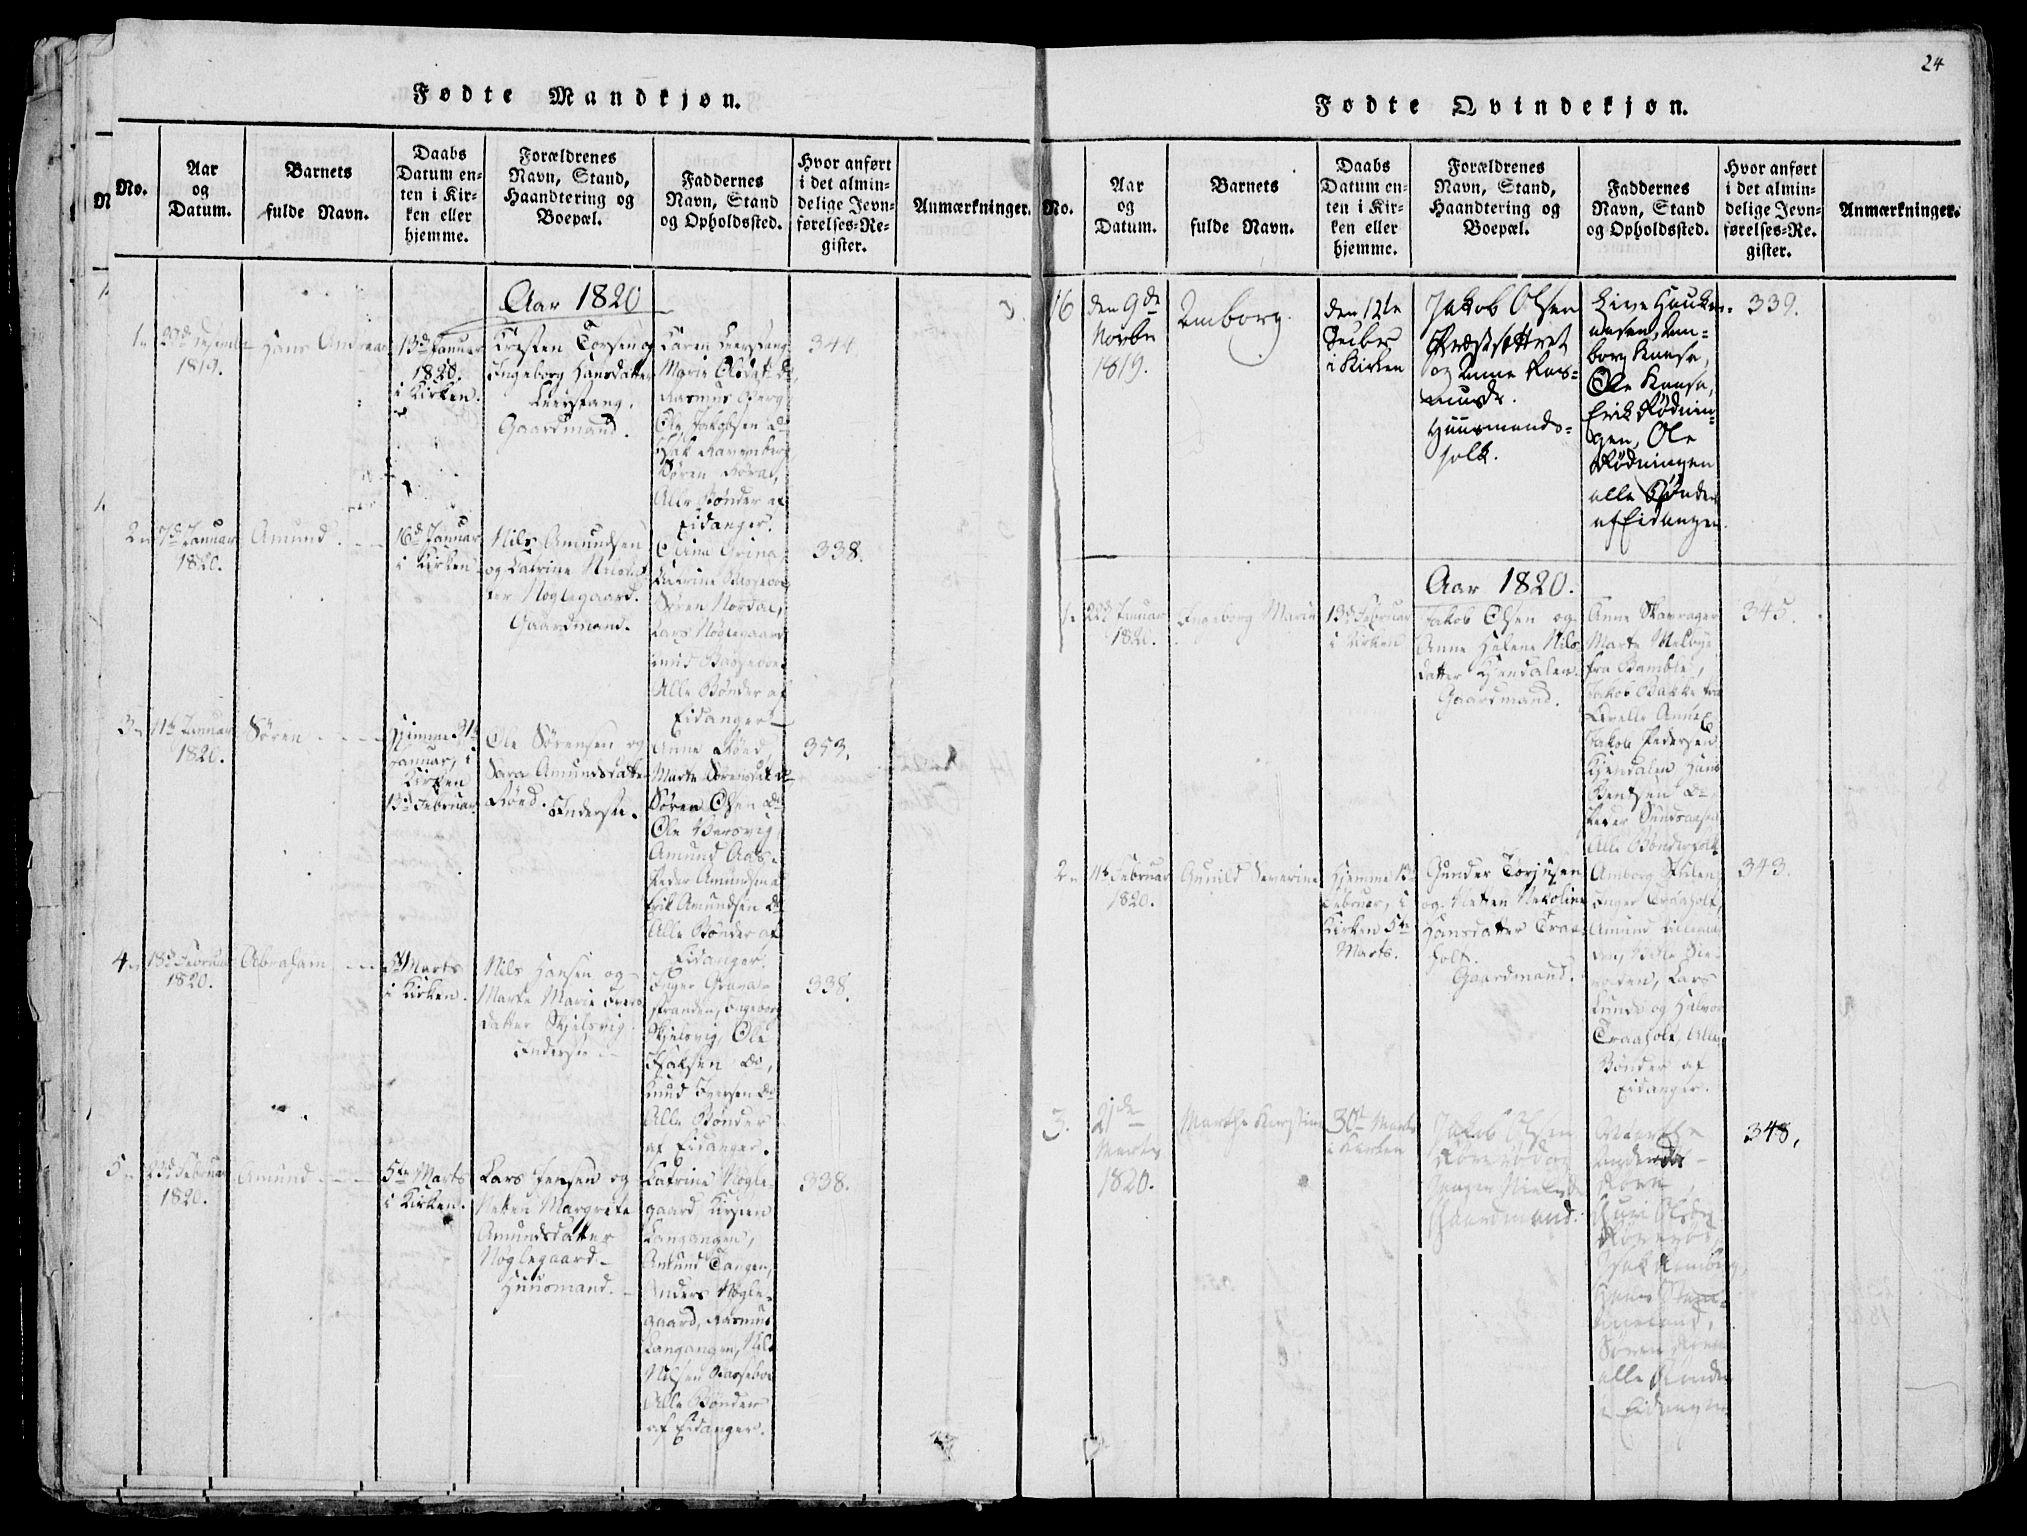 SAKO, Eidanger kirkebøker, F/Fa/L0007: Ministerialbok nr. 7, 1814-1831, s. 24